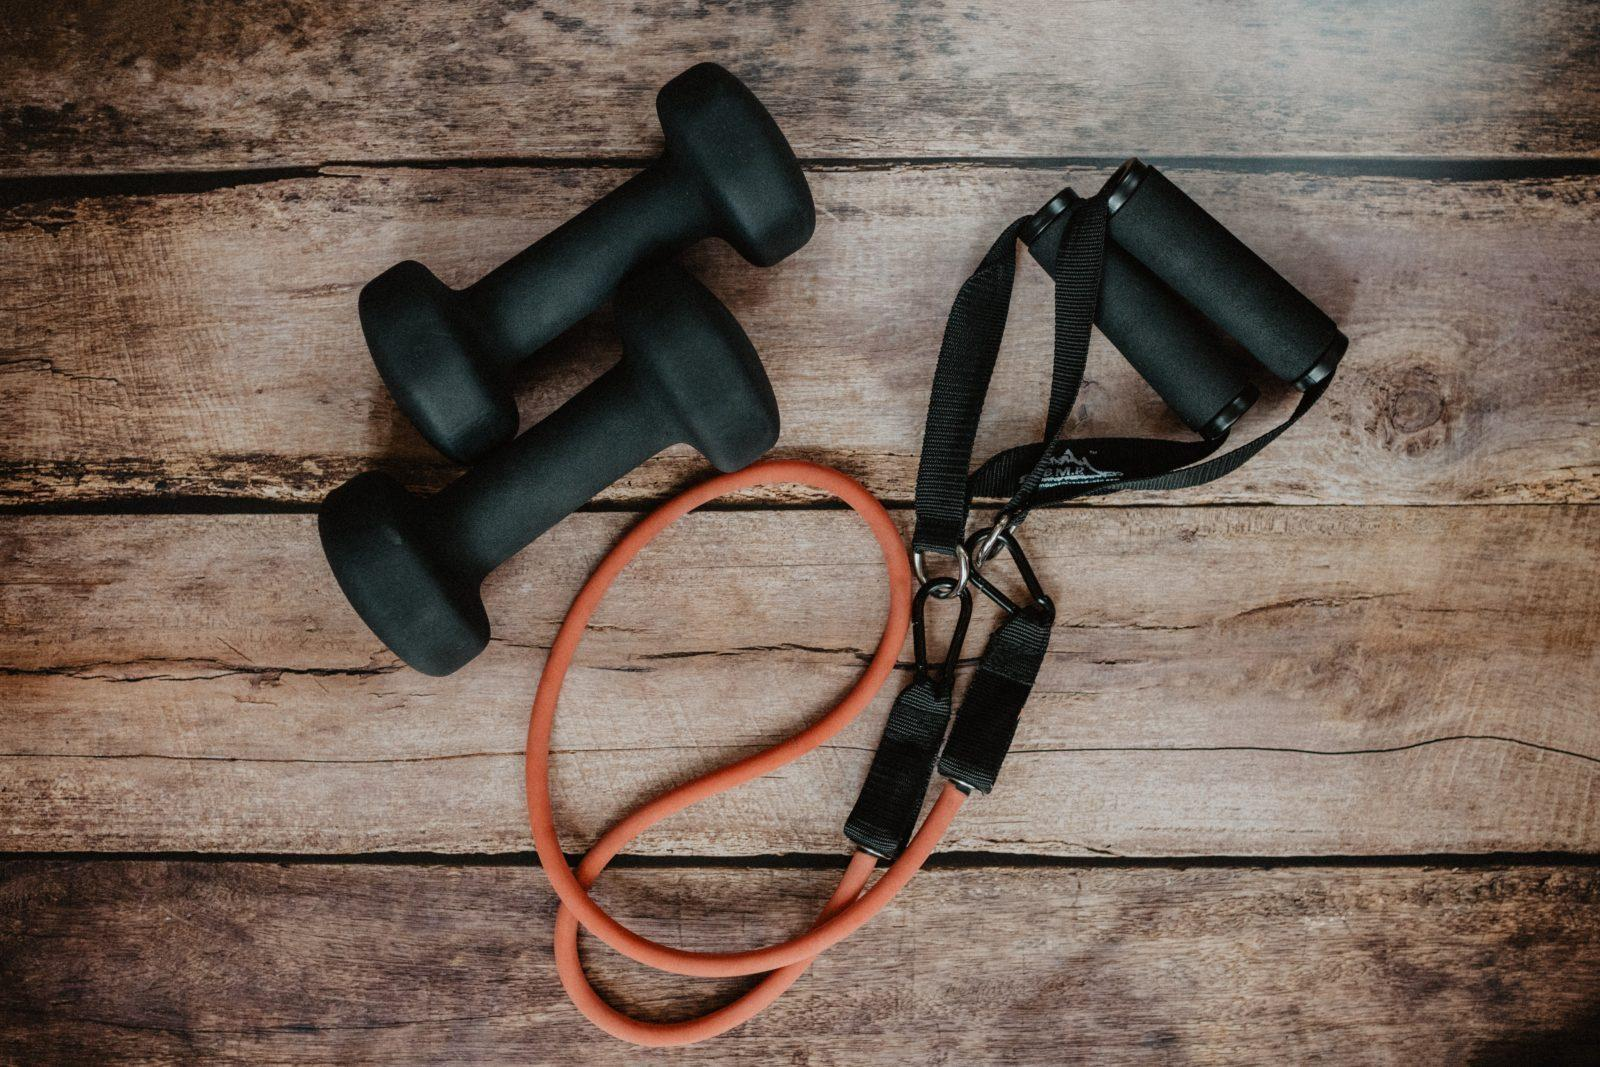 workout free during quarantine